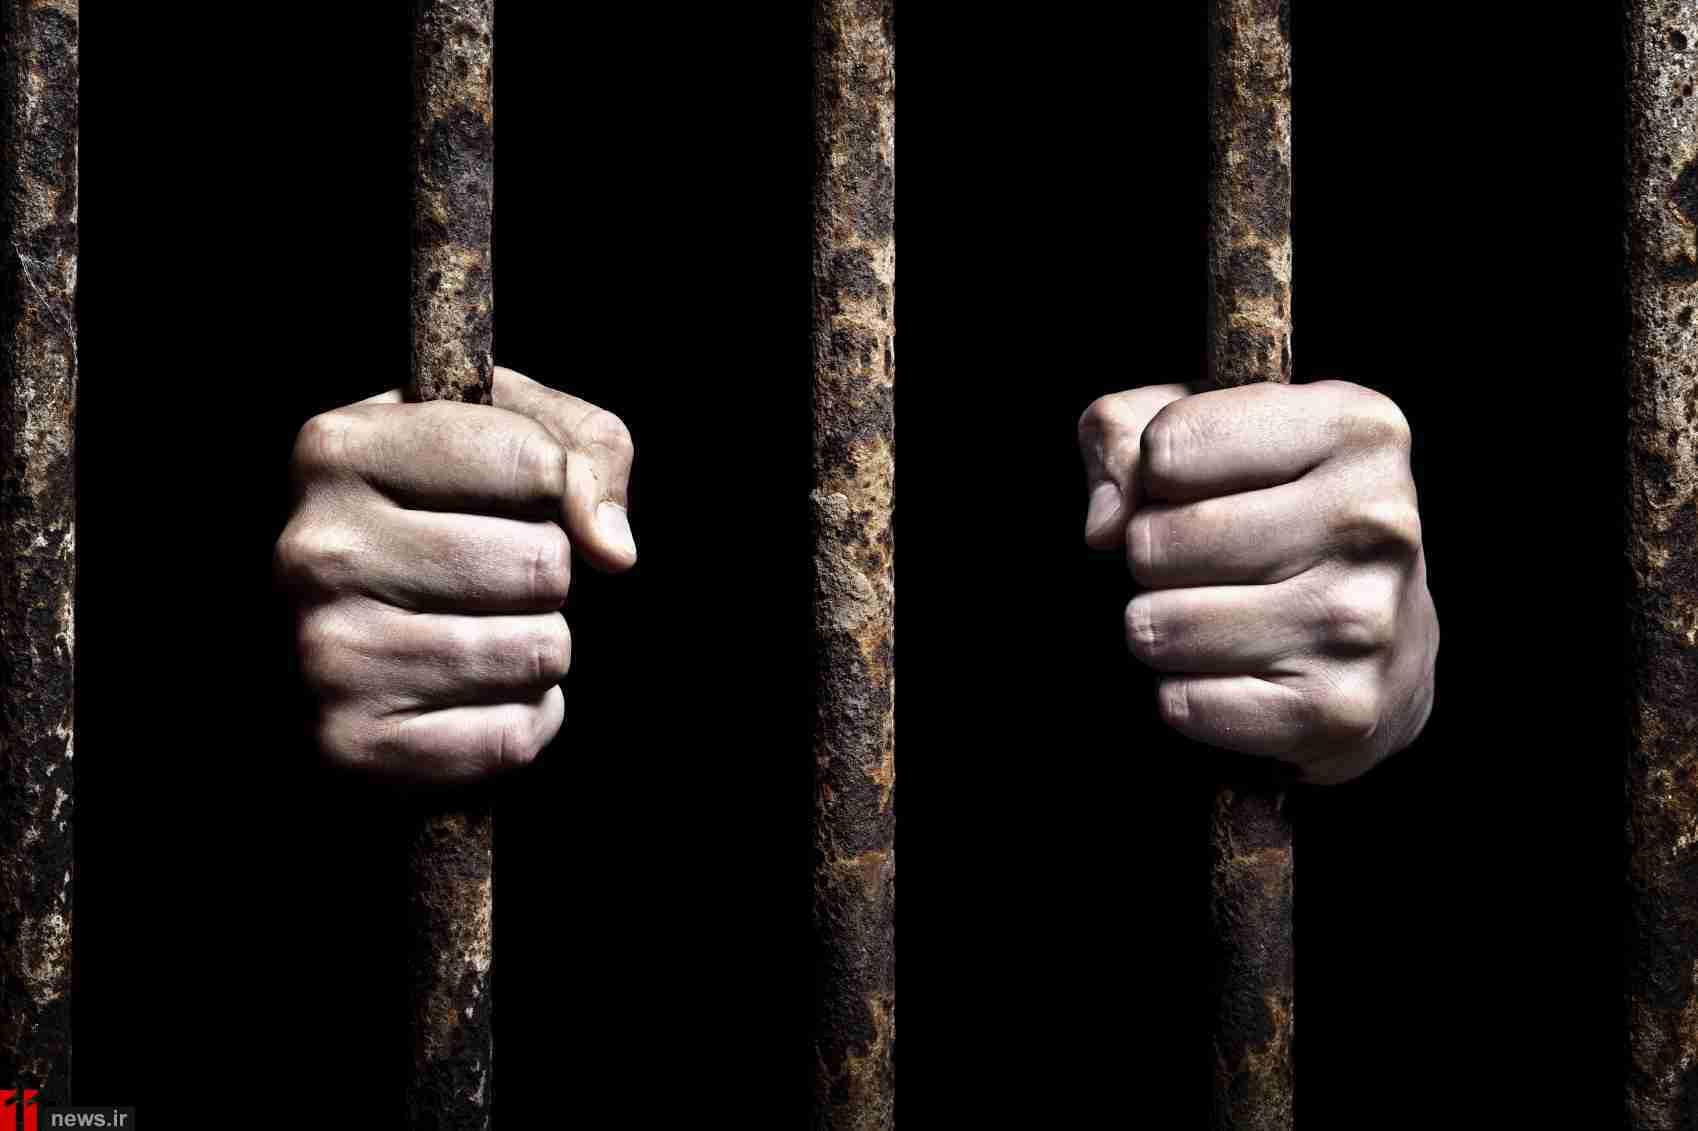 افزایش بازداشتها در ارتباط با تجمعات اعتراضی